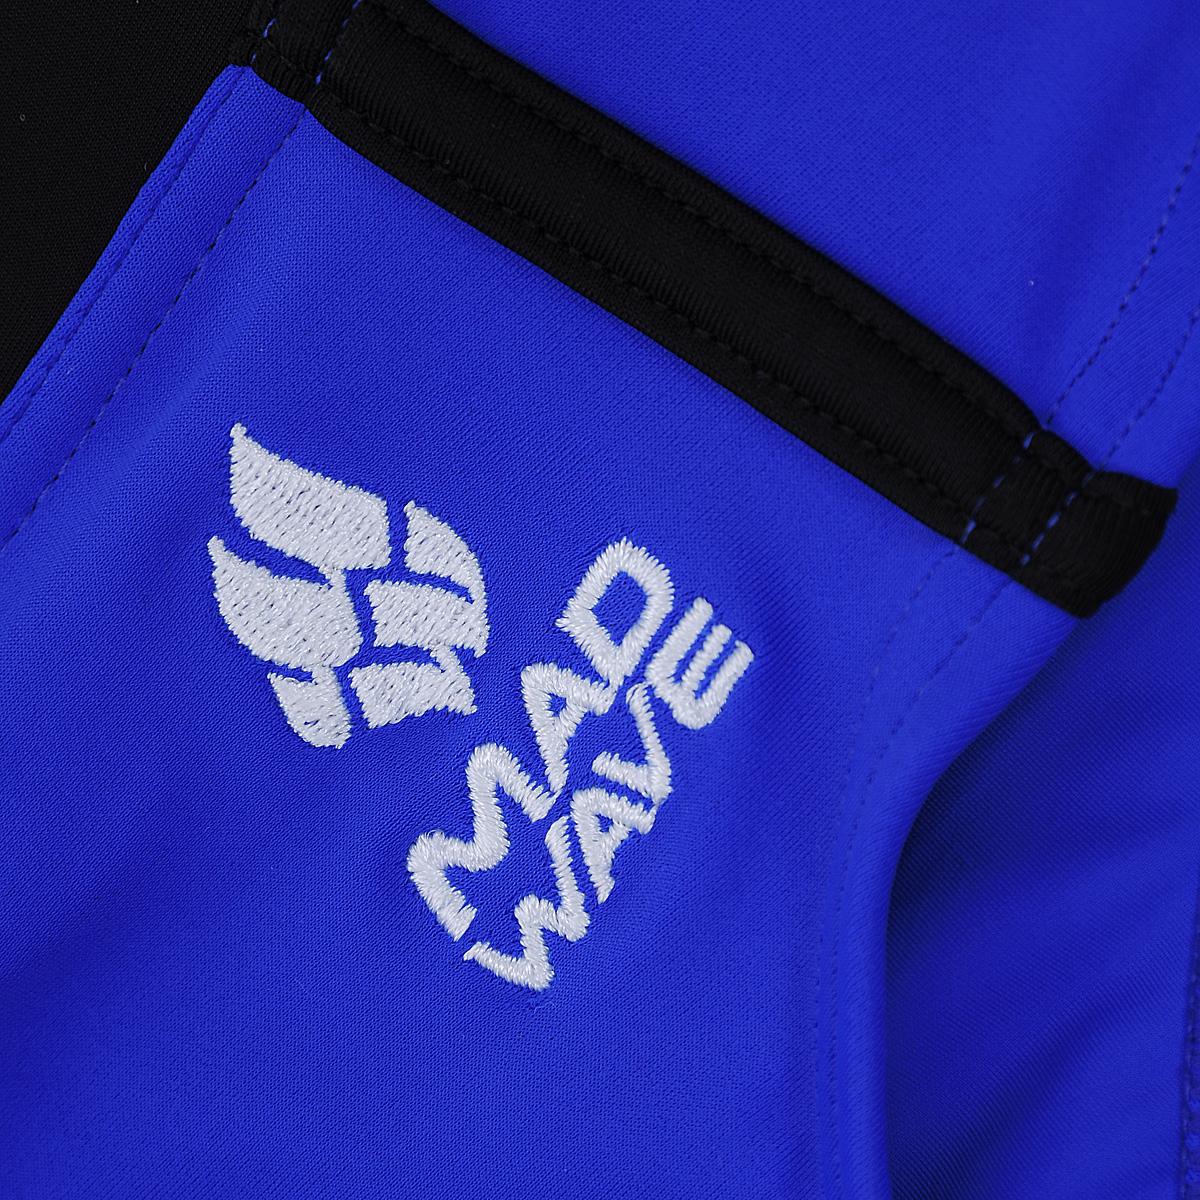 Плавки мужские Mad Wave Cluster, цвет: синий. M0212 05 04W. Размер XL (52) MadWave